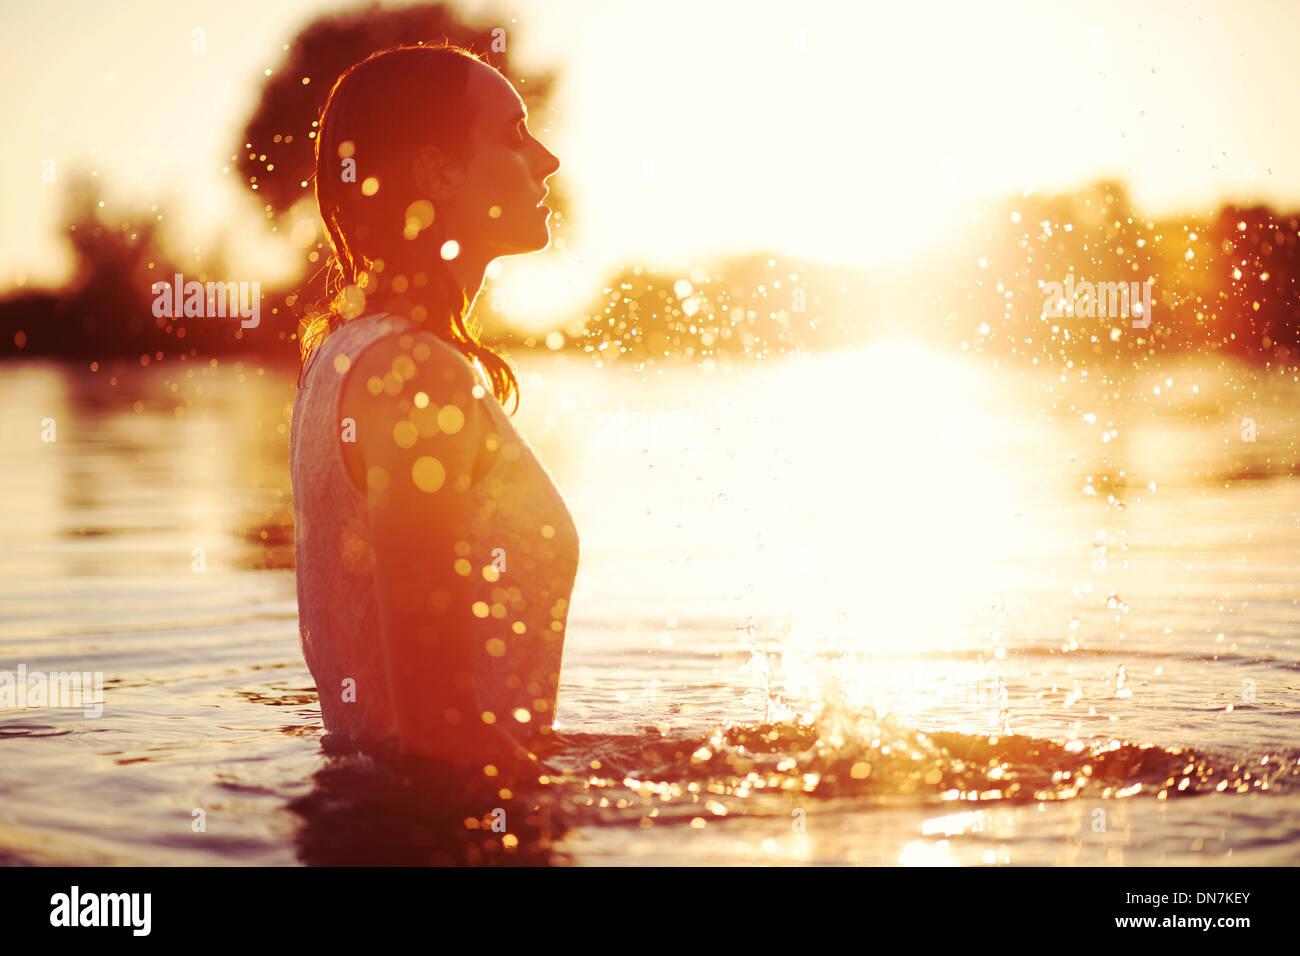 Junge Frau bei Sonnenuntergang im See plantschen mit Wasser Stockbild